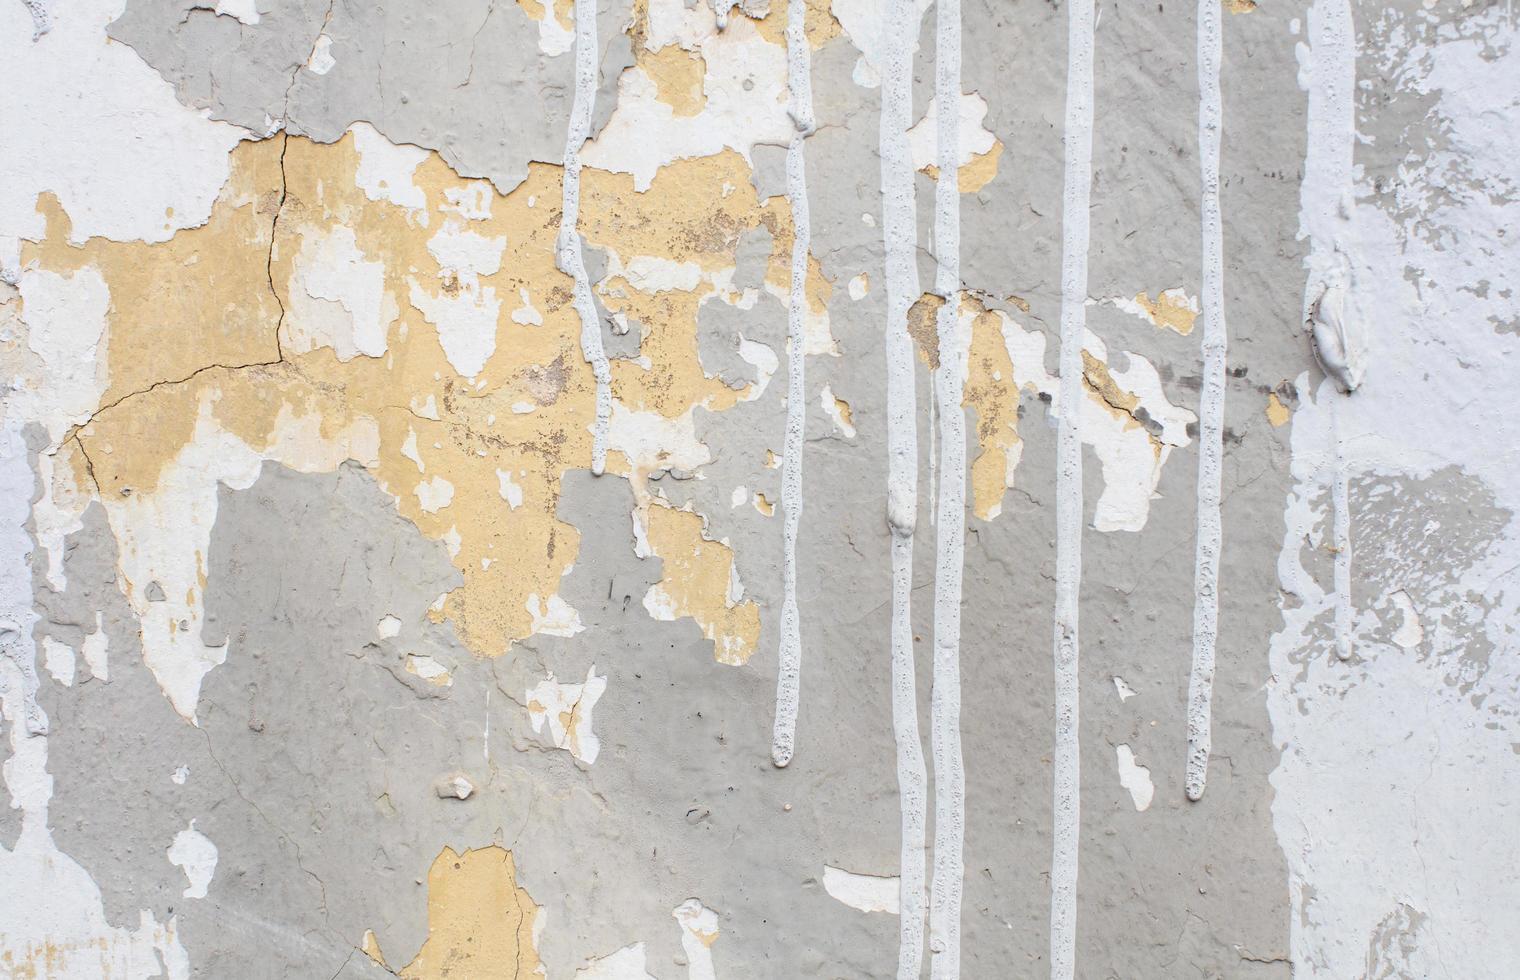 la vernice bianca gocciola su un muro foto